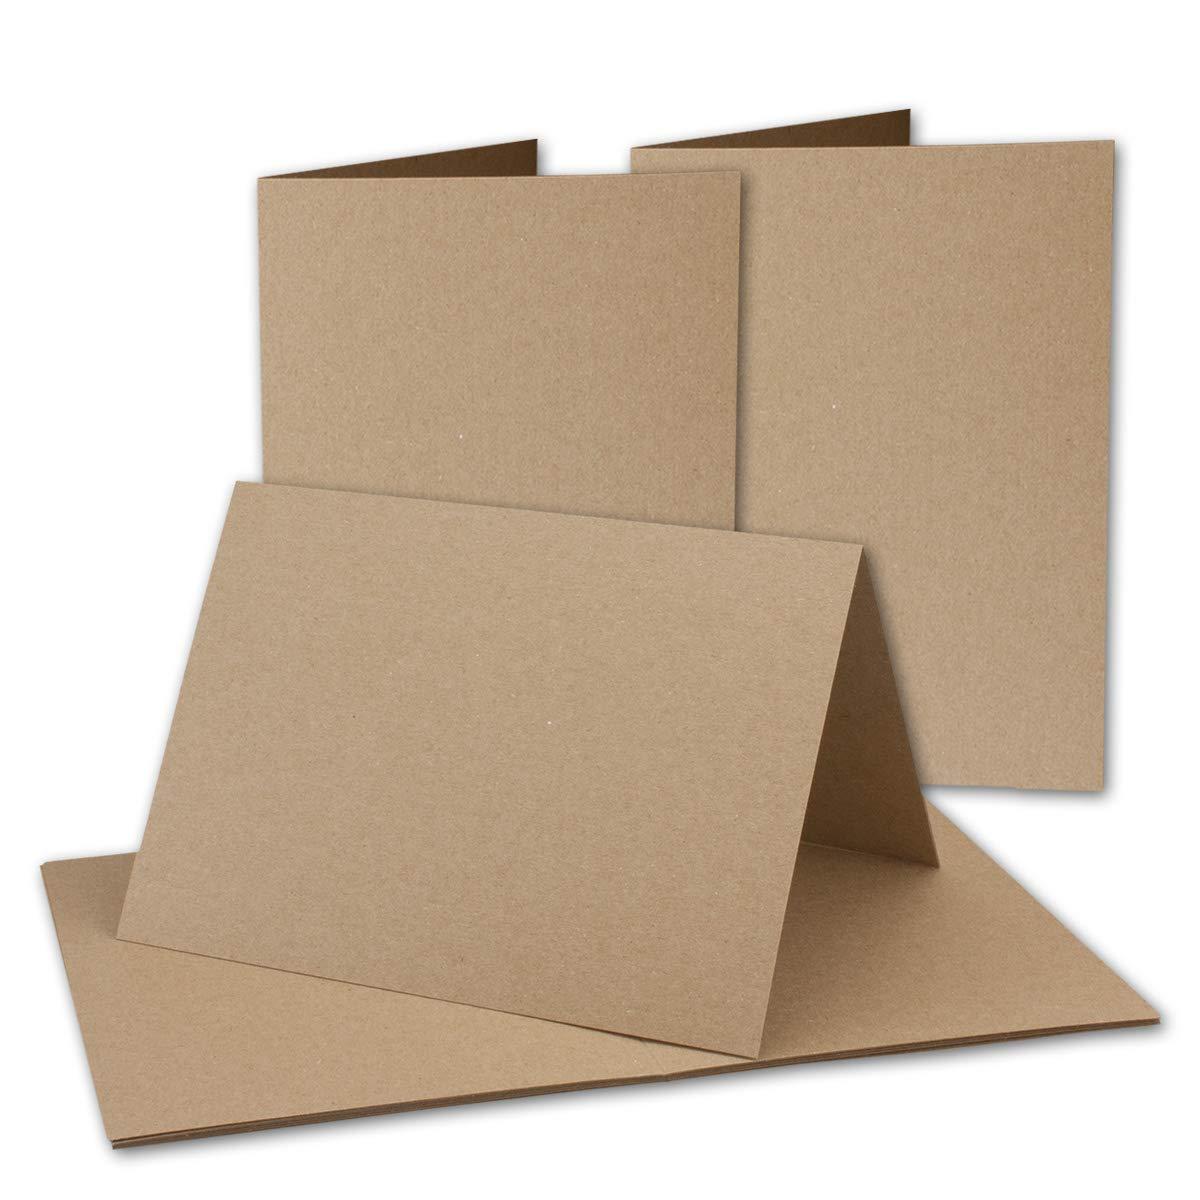 150x Vintage Kraftpapier Falt-Karten DIN B6-120 x 169 mm - sandbraun - Recycling - 350 g m² blanko Bastel-Karten I Umwelt by Gustav NEUSER® B01H3X7UCW | Neuer Eintrag